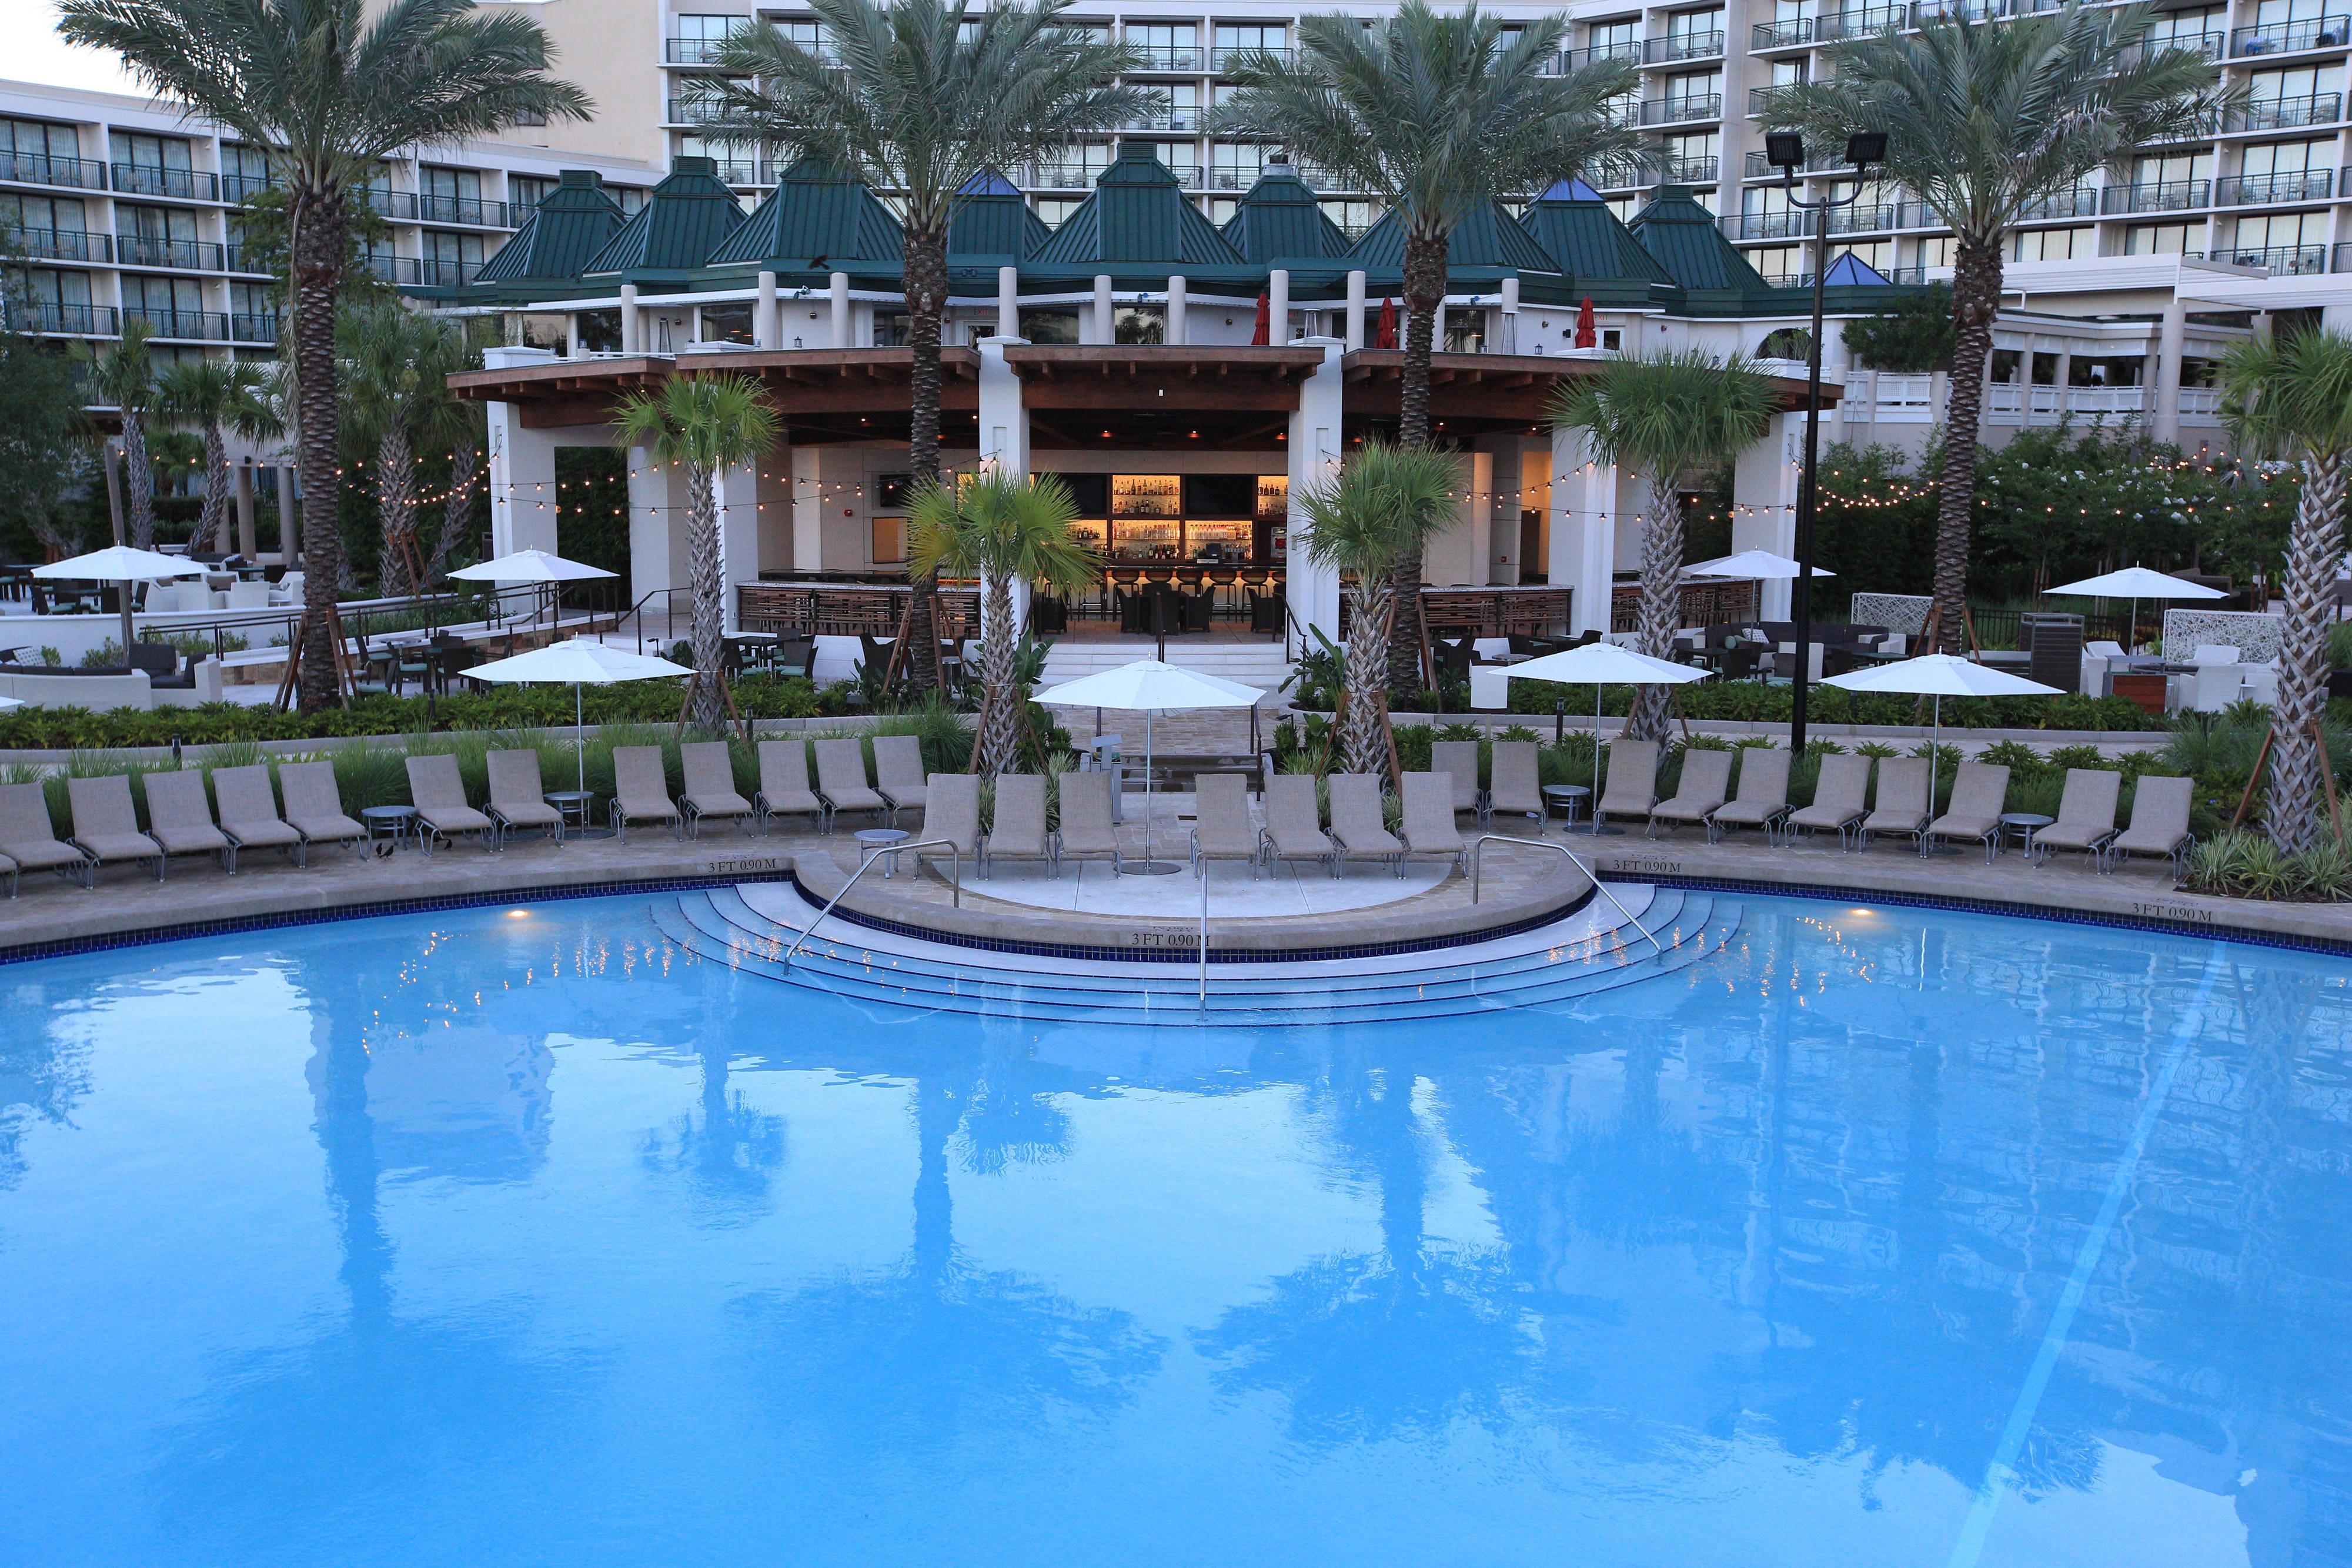 Hôtels avec piscines extérieures à Orlando